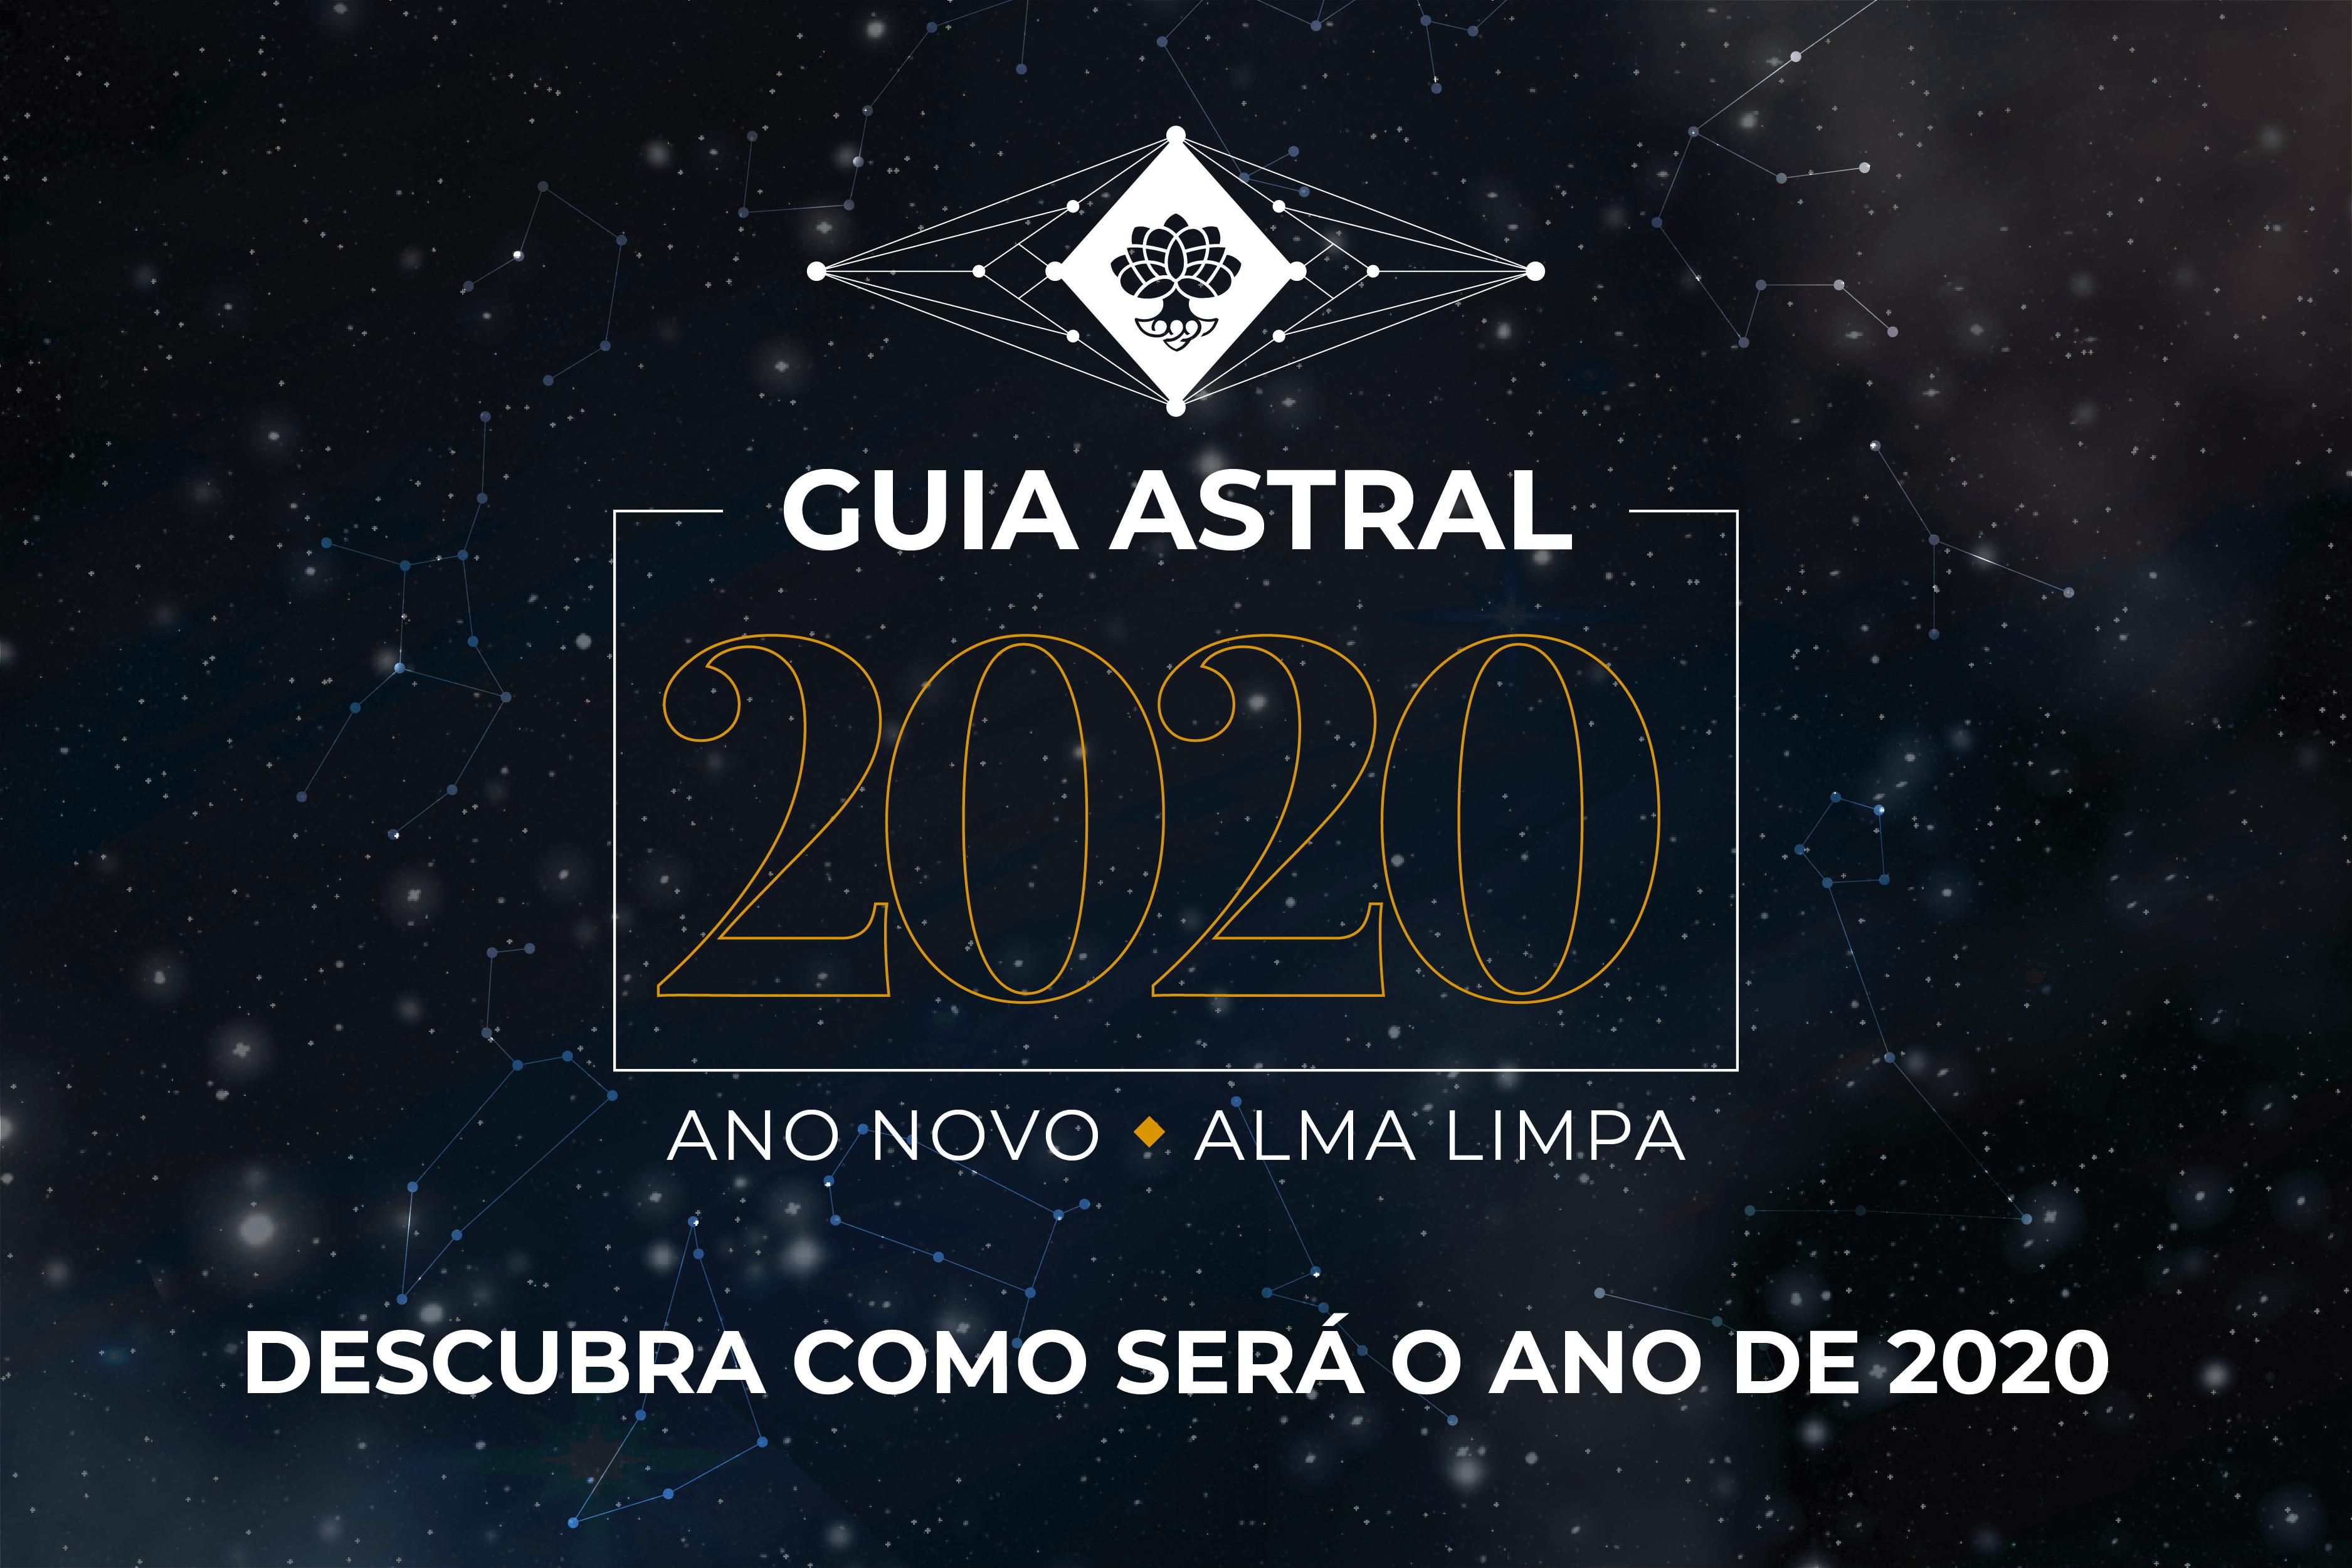 Guias Astrais 2020 - Descubra como será o ano de 2020